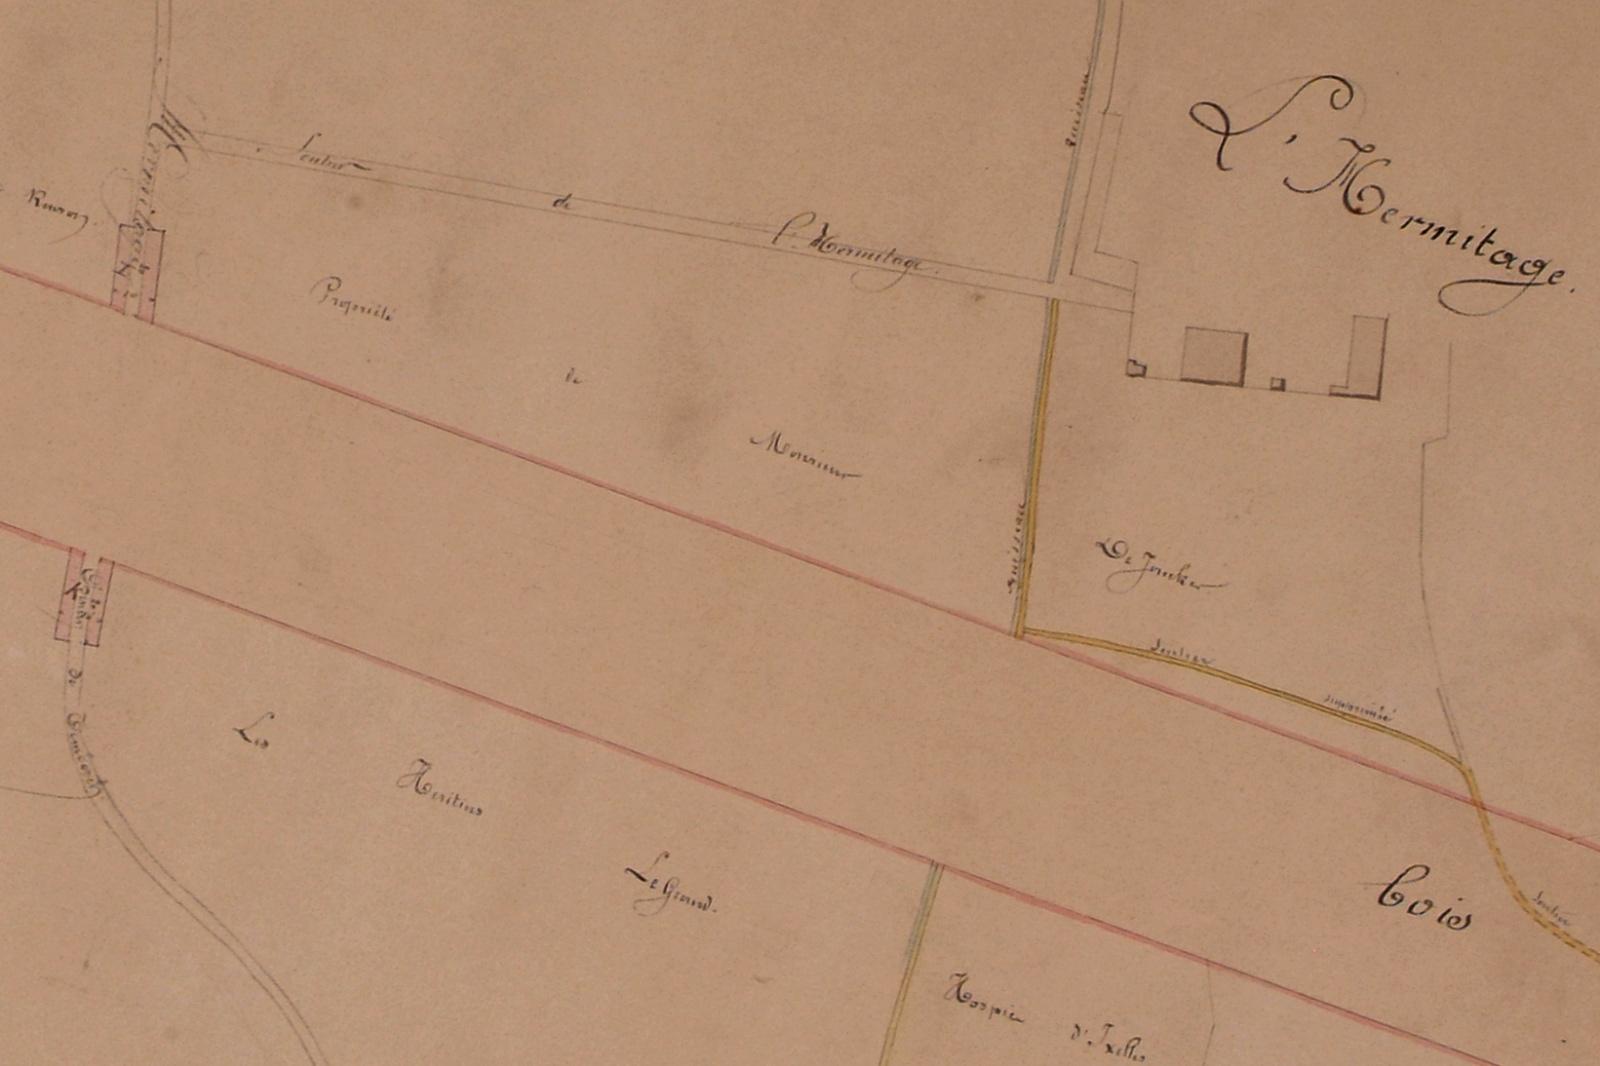 Plan de 1862, projetant la future avenue Louise et figurant les anciens chemins et demeures, dont le château de l\'Ermitage, AVB/PP 1544.